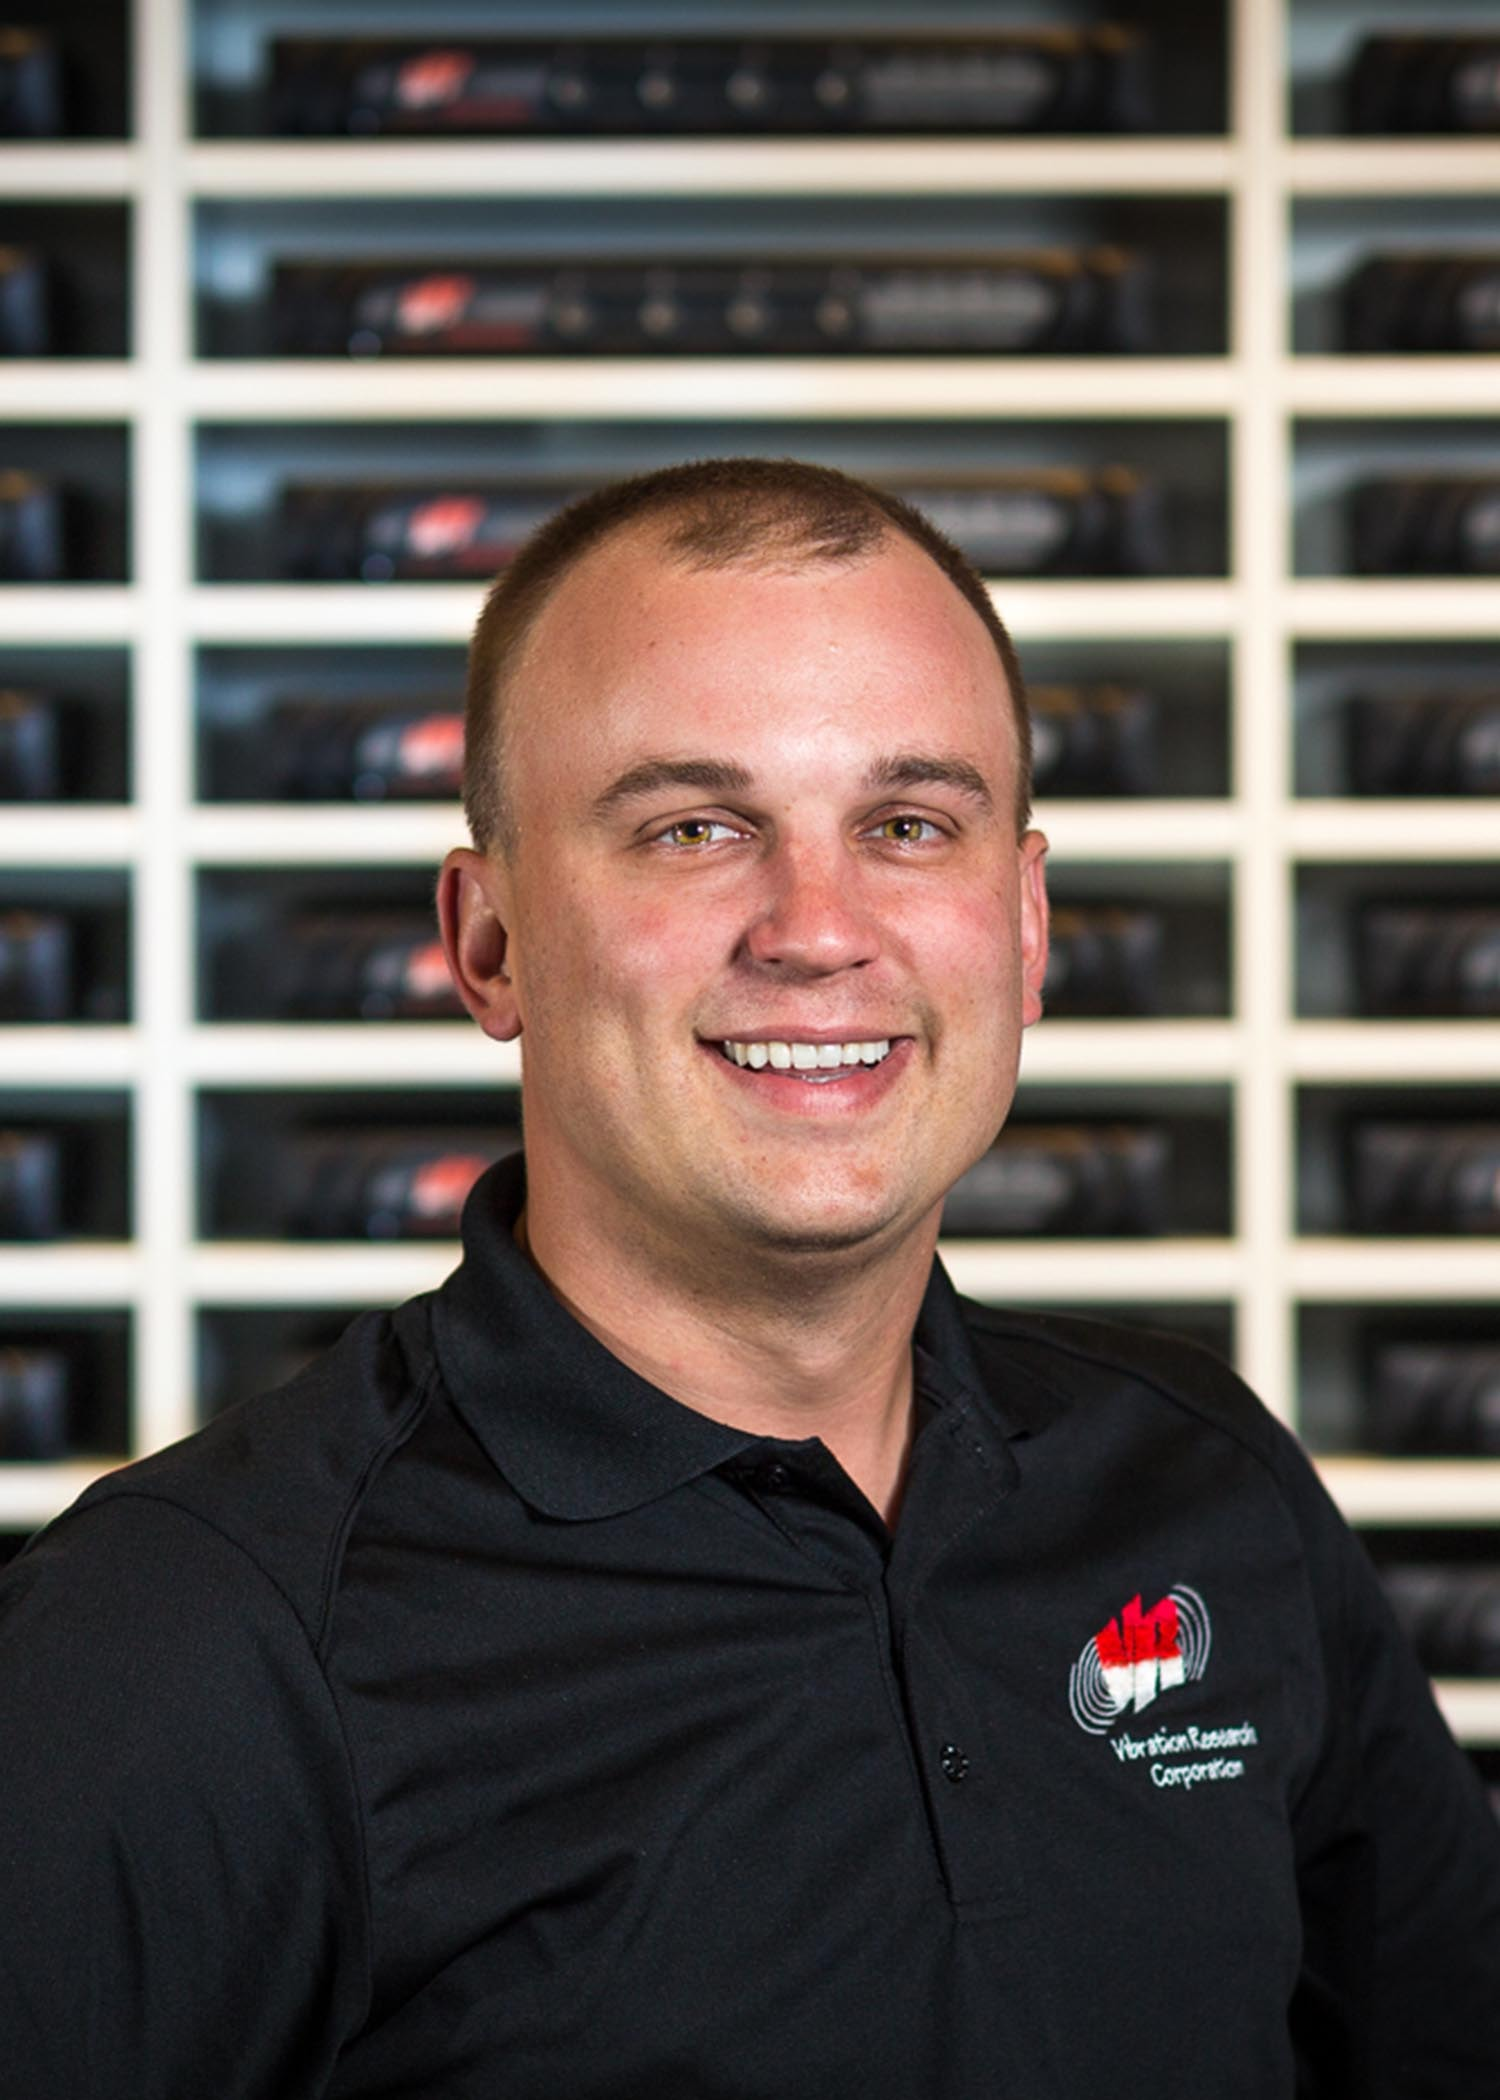 Kevin Van Popering